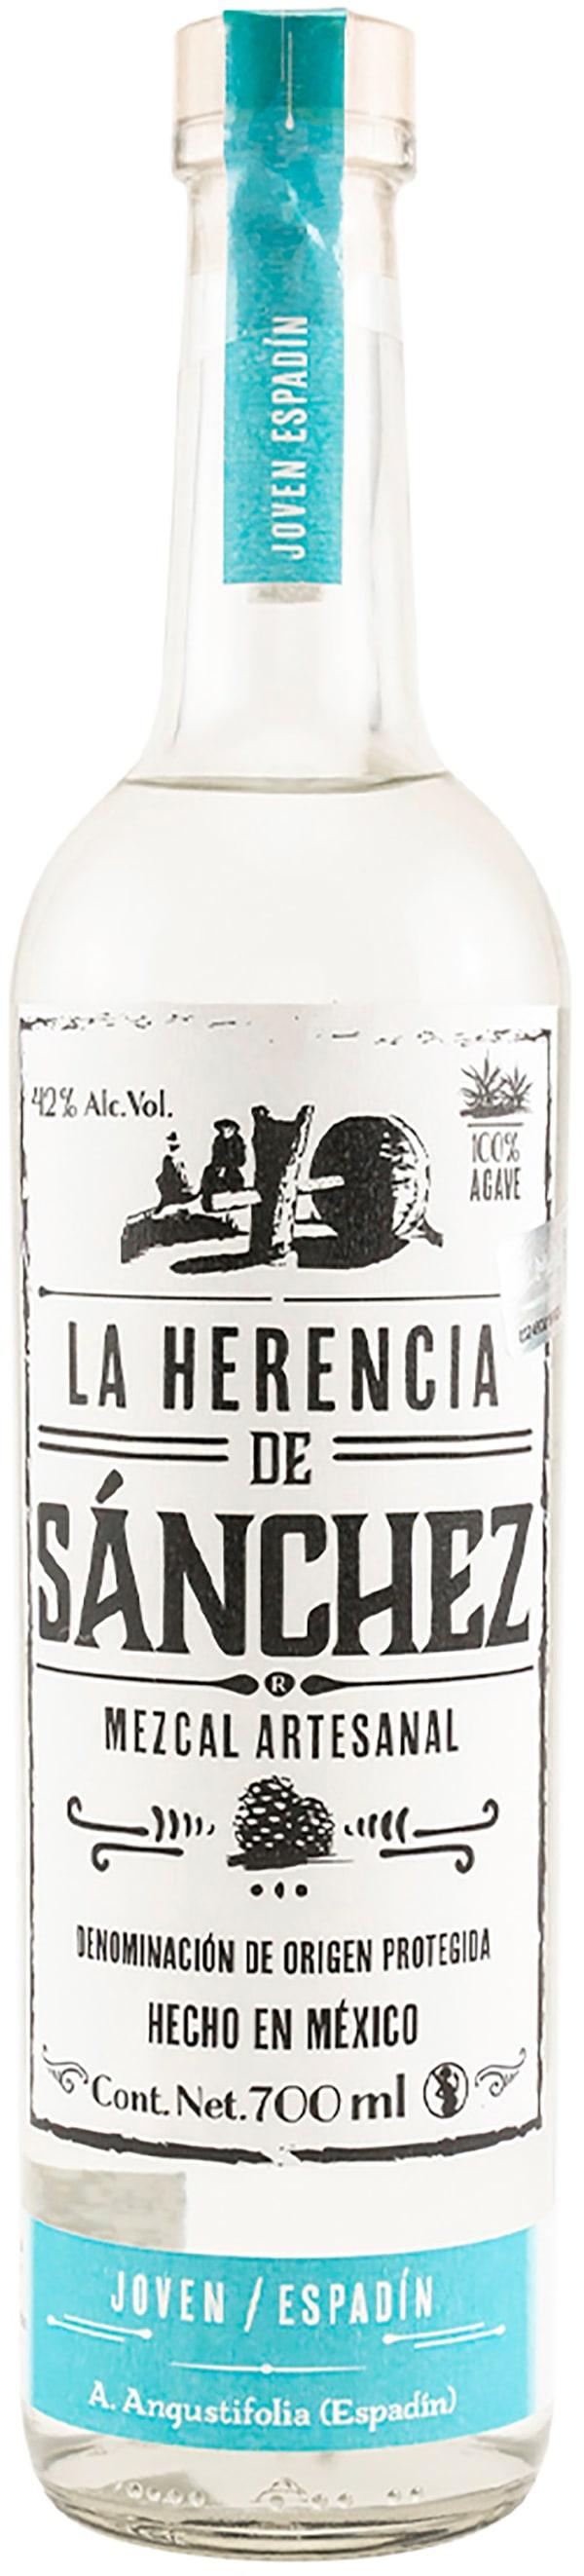 La Herencia De Sanchez Espadin Mezcal